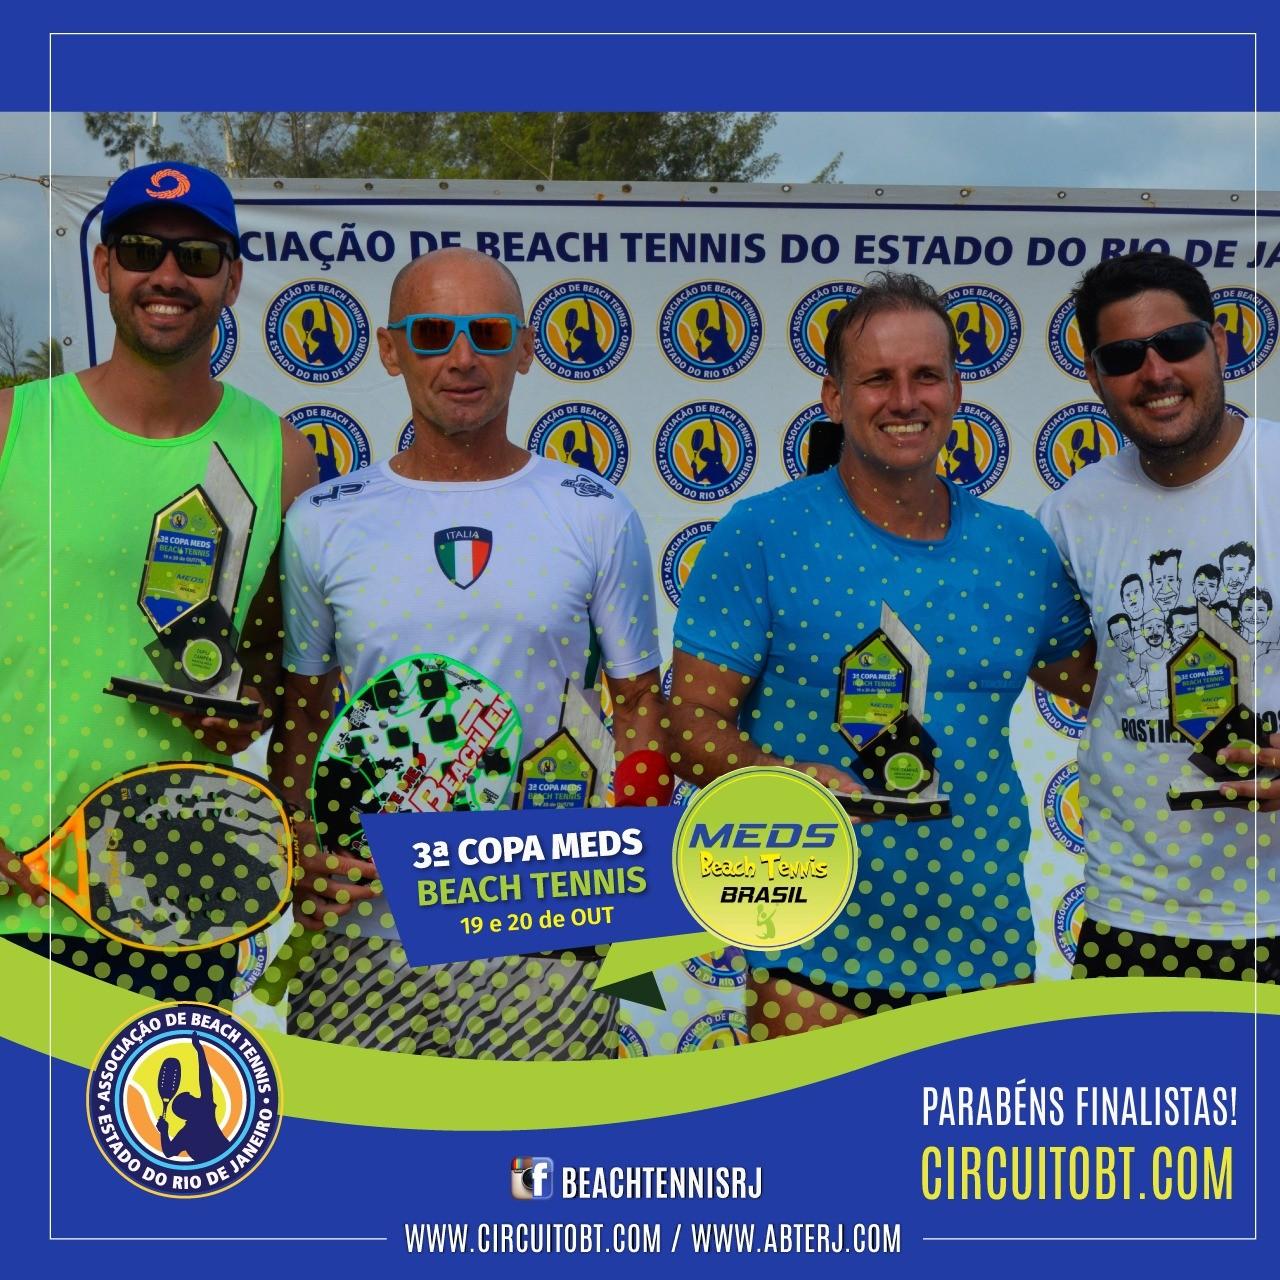 Da esquerda para a direita, campeões e vices da A:  Leonardo Pereira, Gian Luca Padovan,  Alexandre Todeschini e Francisco Souza